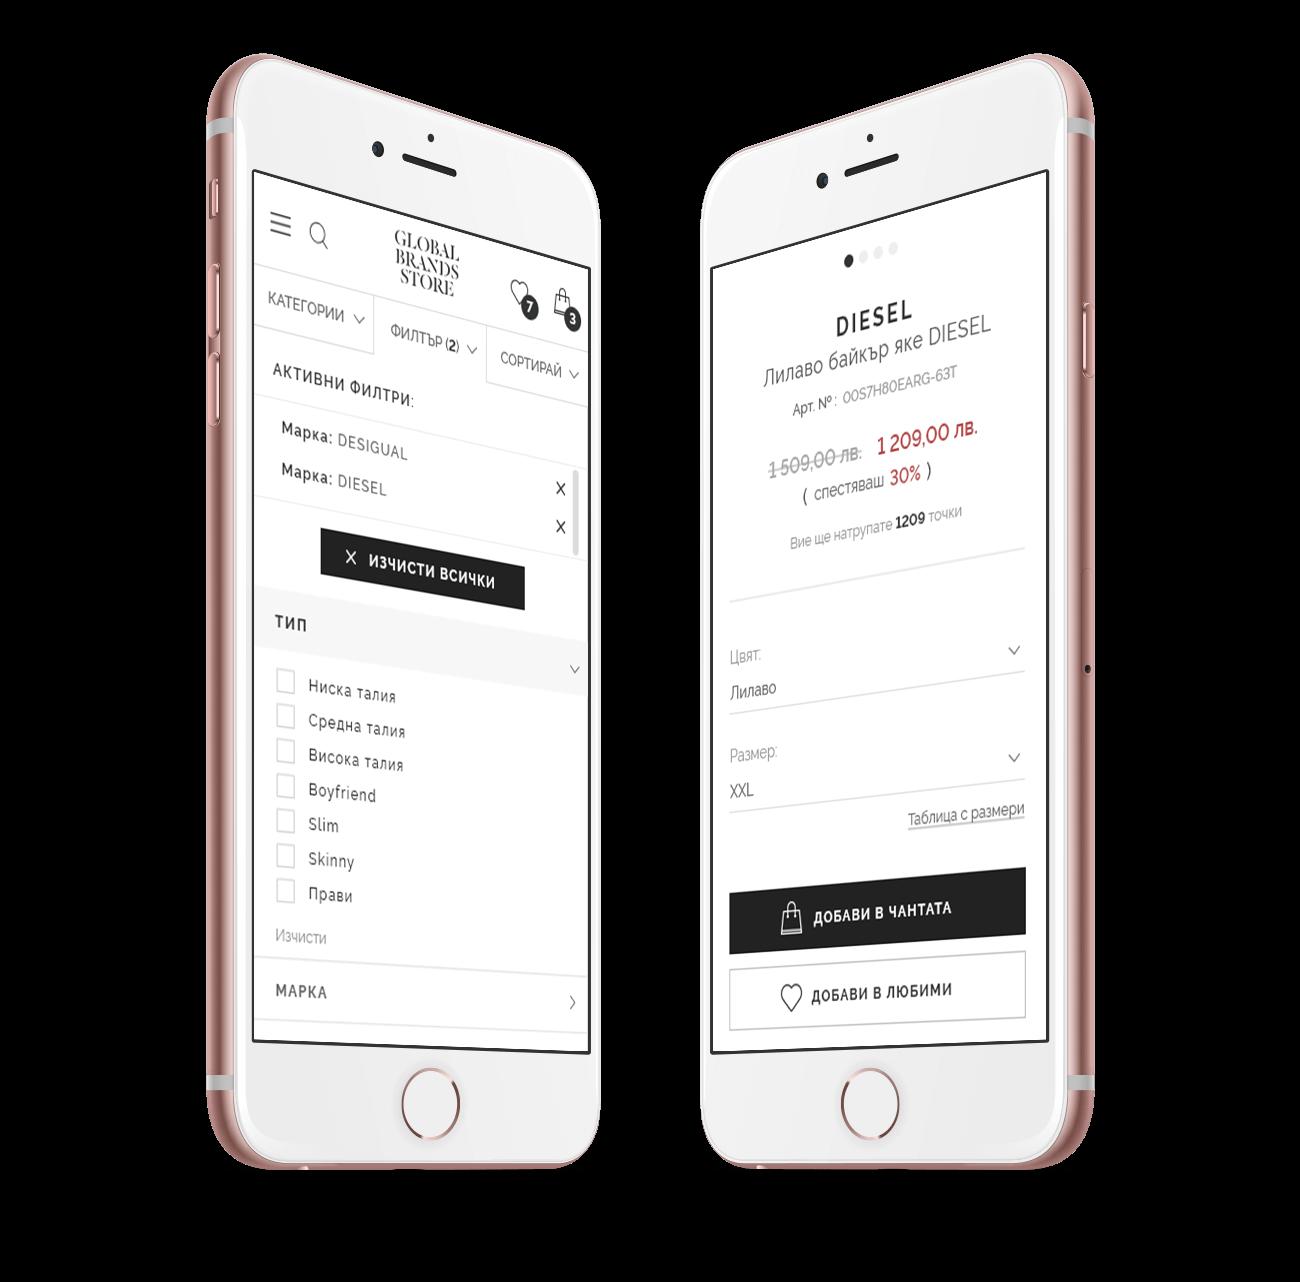 Global Brands - Мобилна версия.